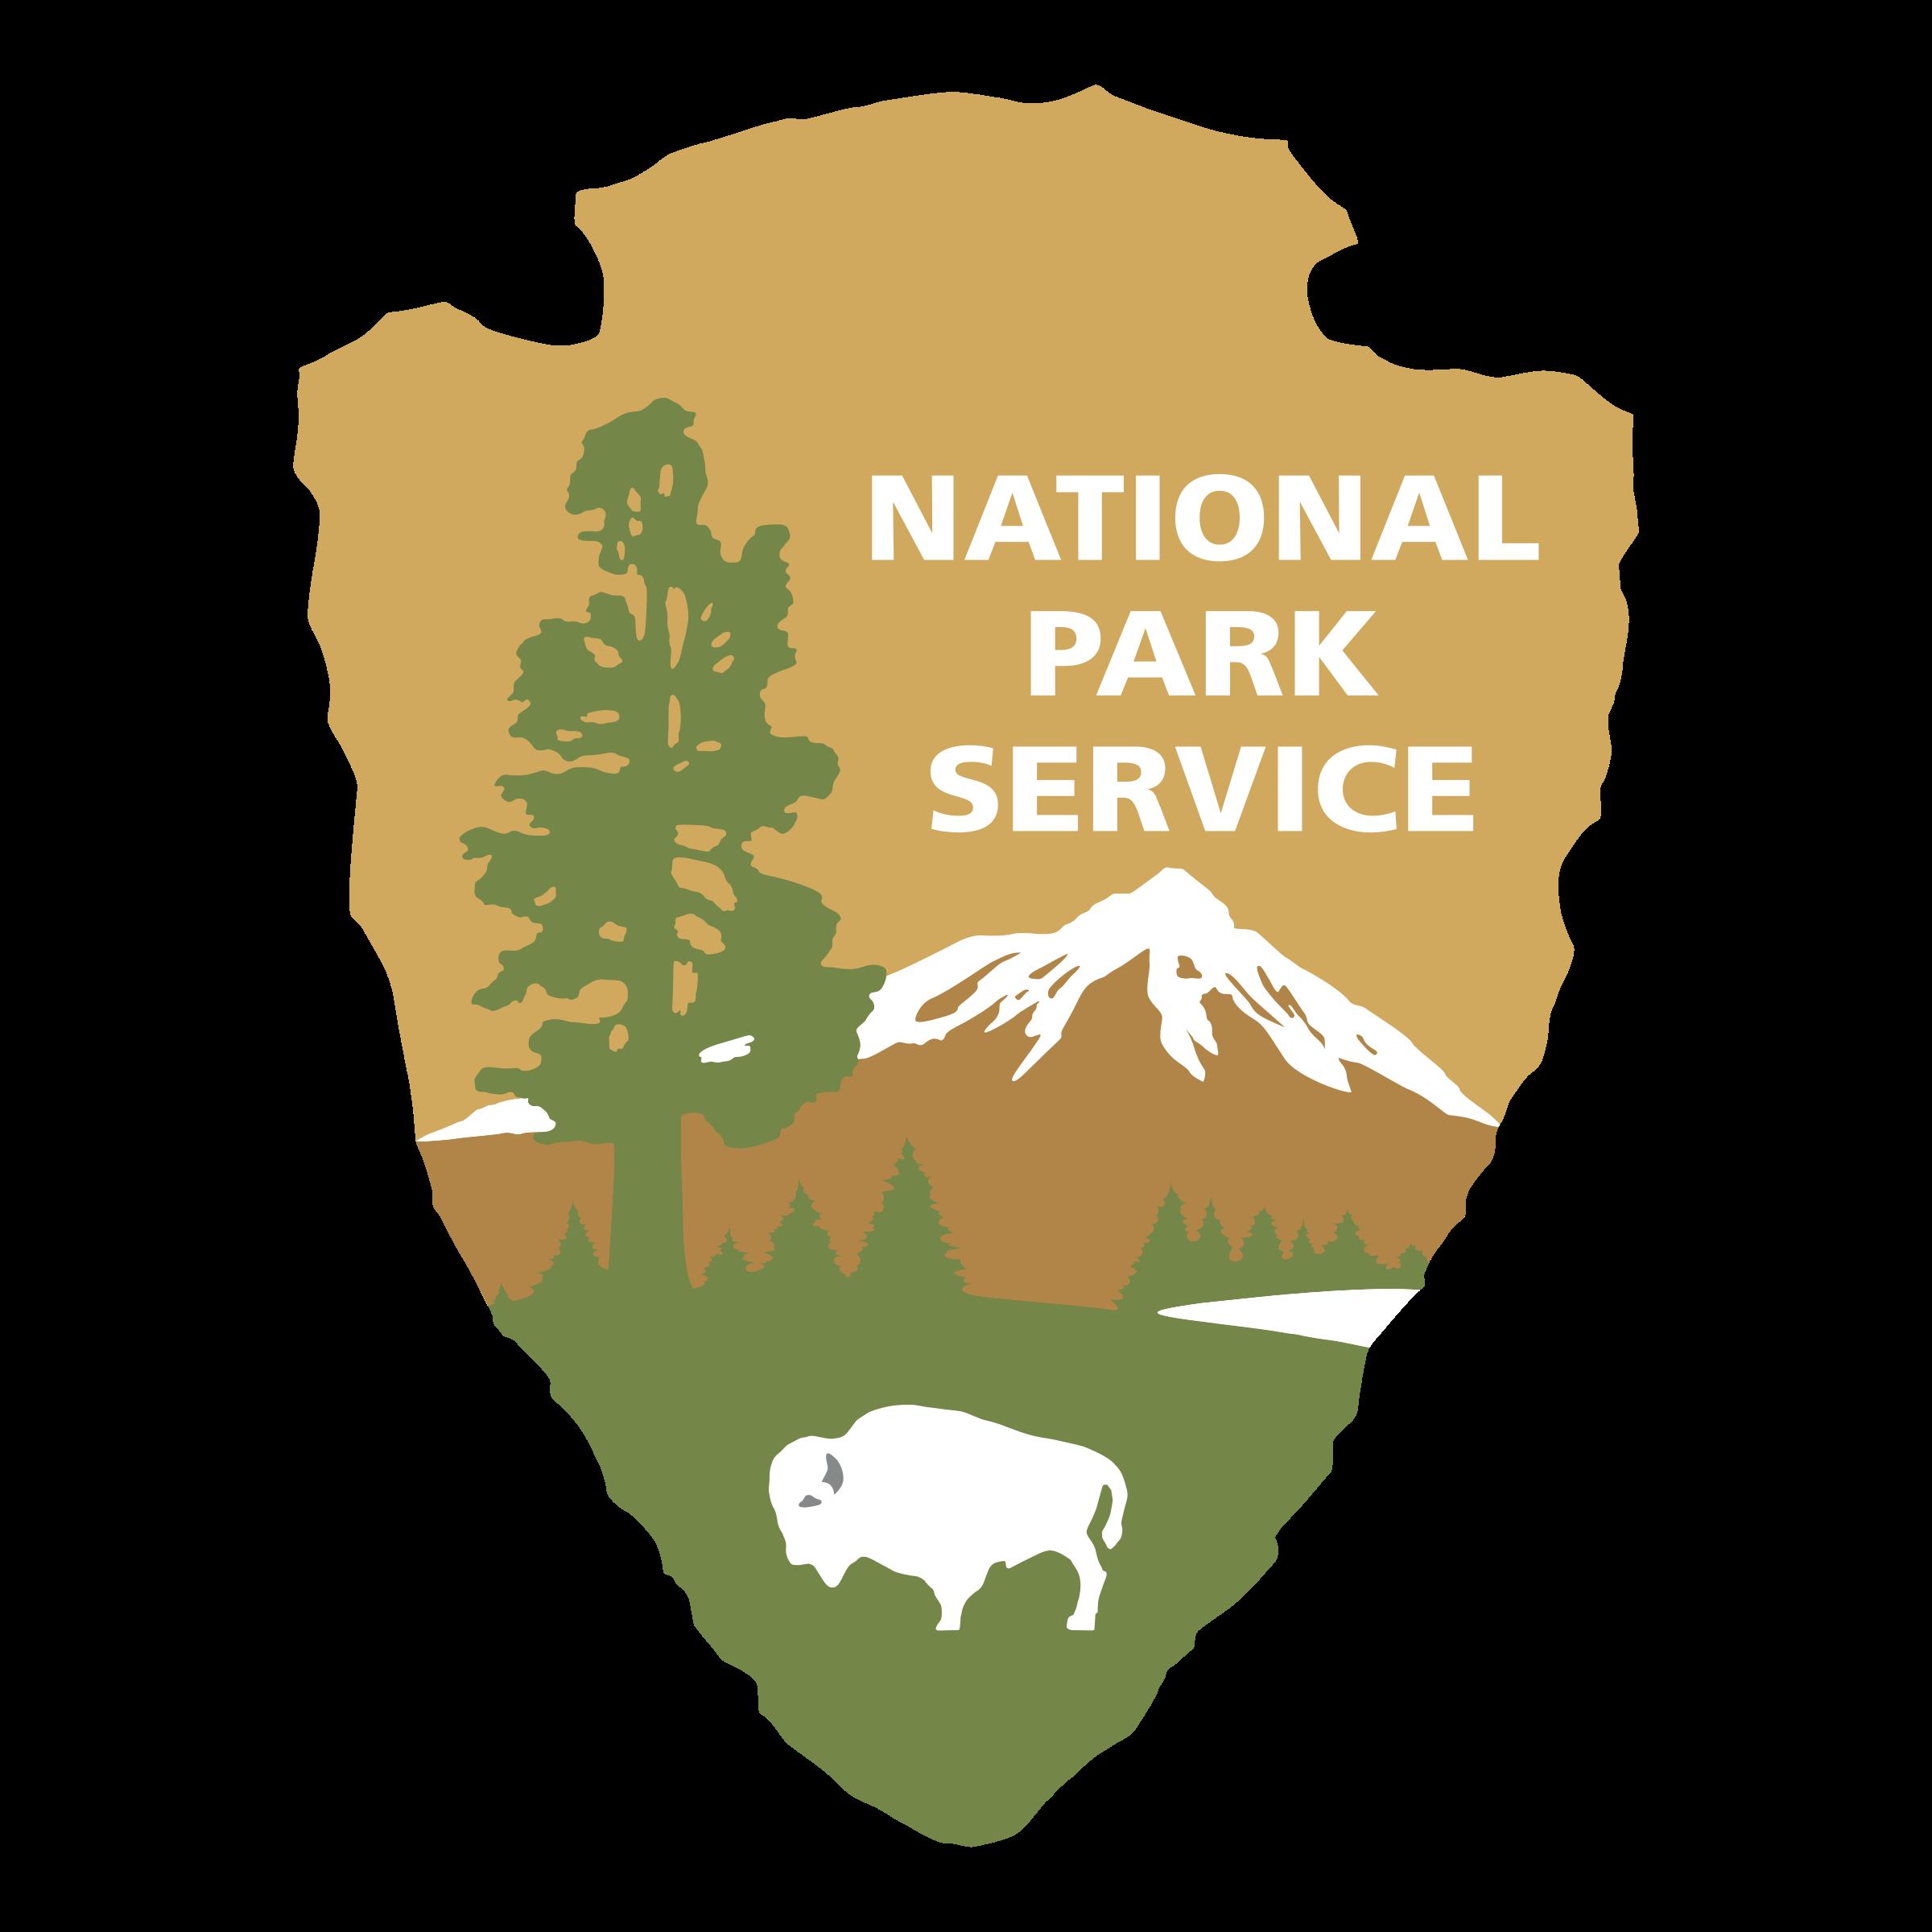 US National Park Service Logo PNG Transparent & SVG Vector.